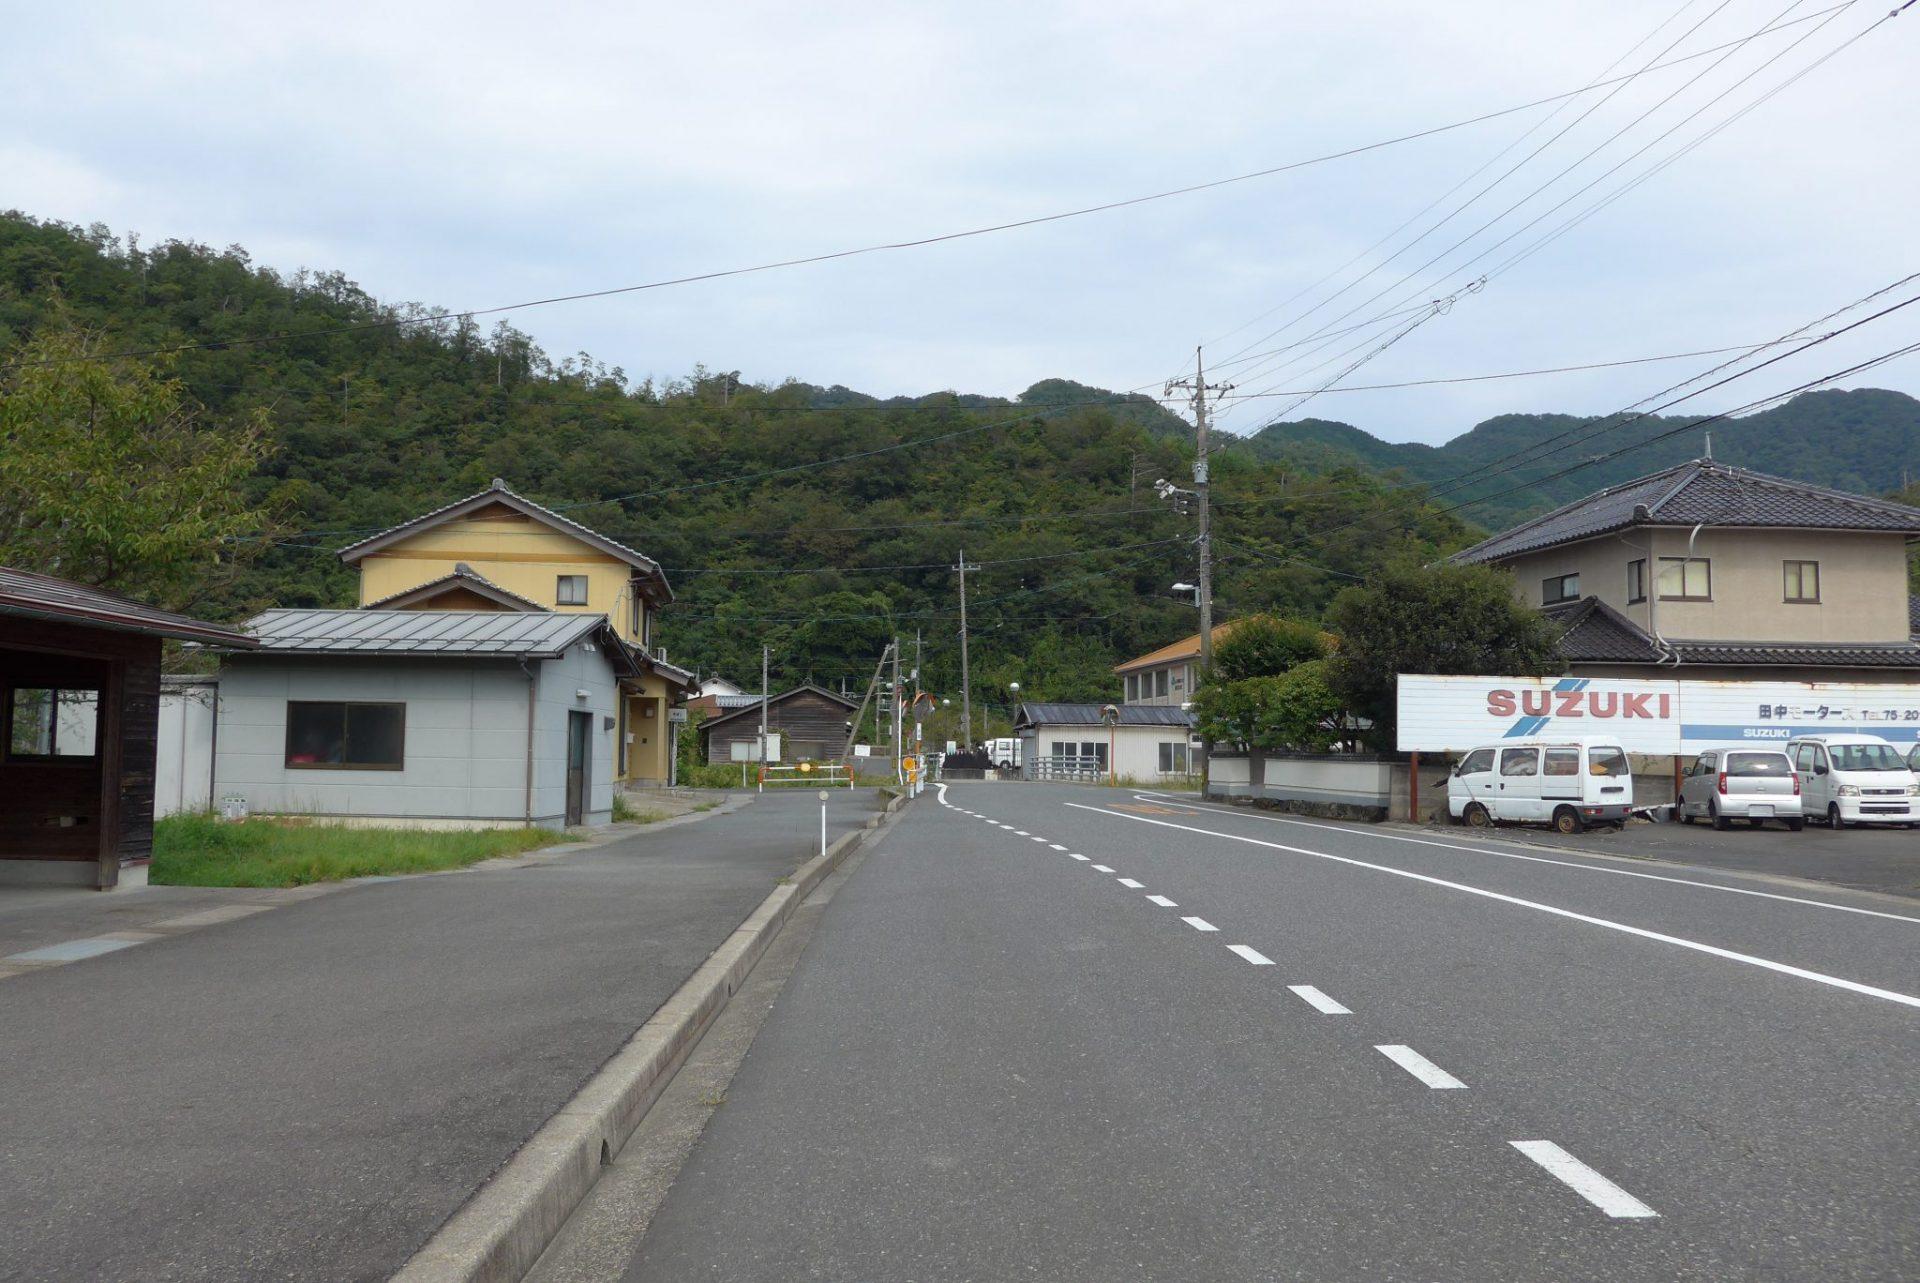 (K)鳥取市福部町にある『中の清水』は車横付けでらくらく給水!